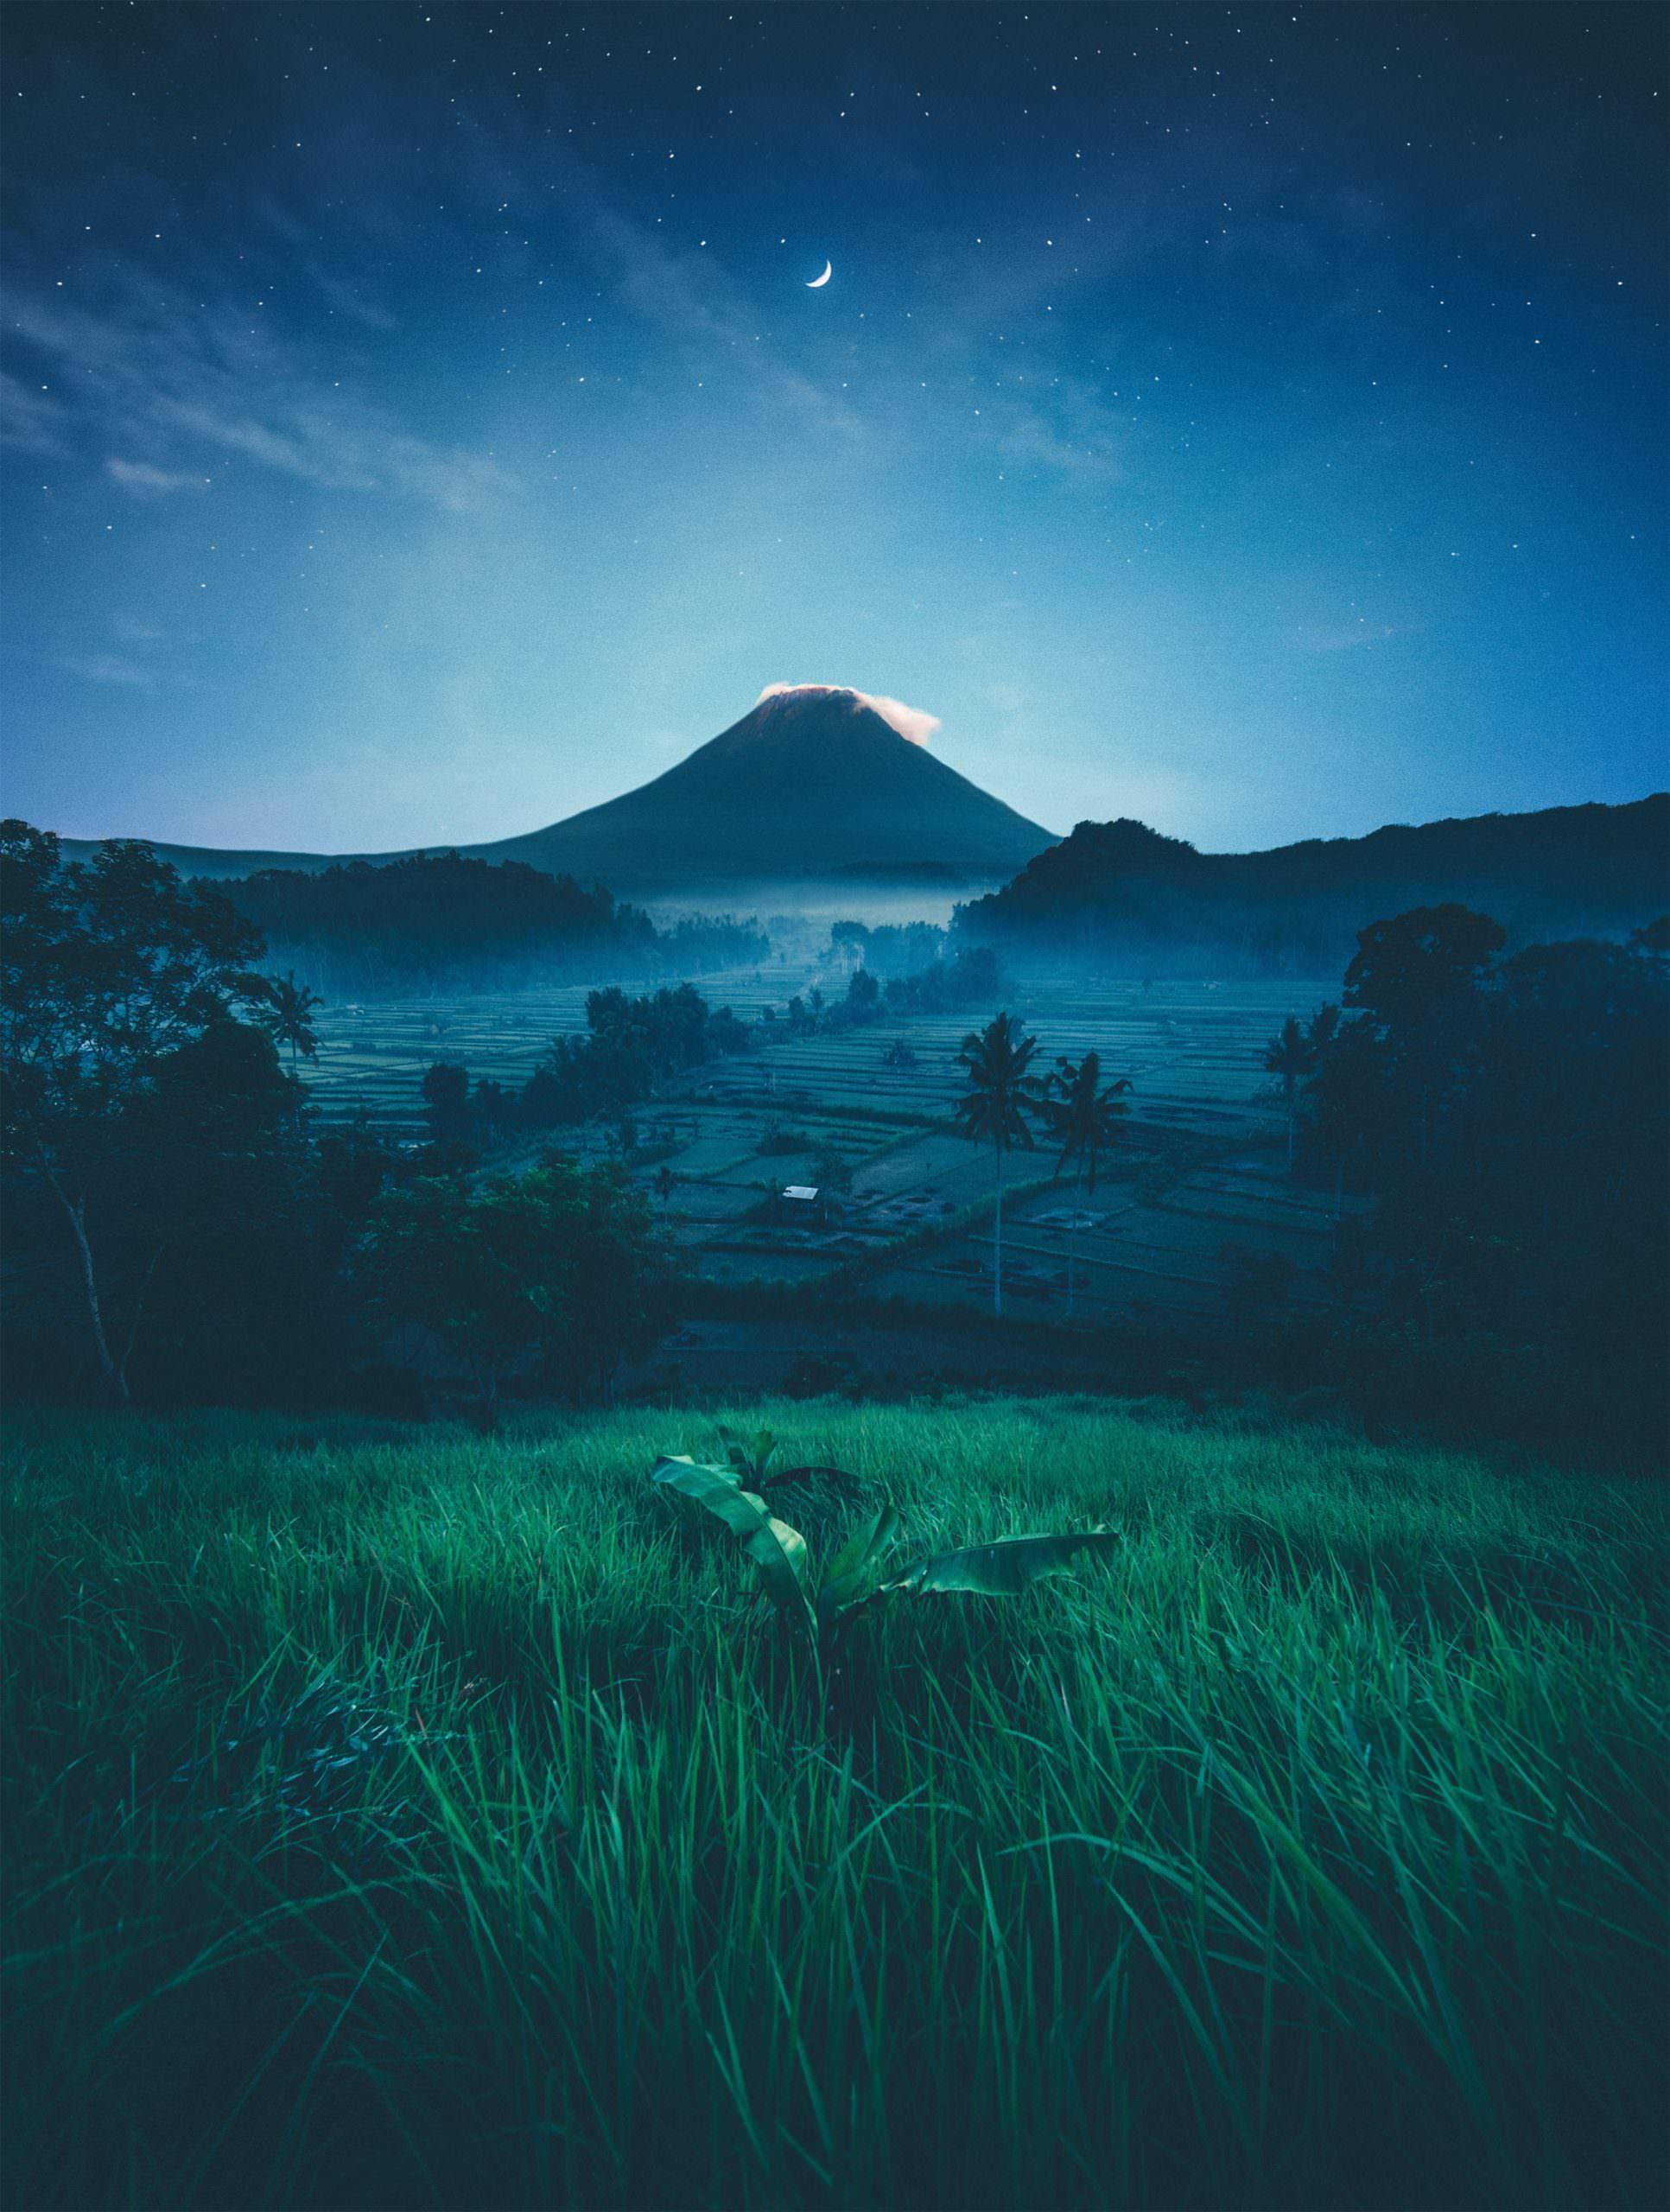 أجمل الأماكن التي يمكنك زيارتها في بالي – إندونيسيا